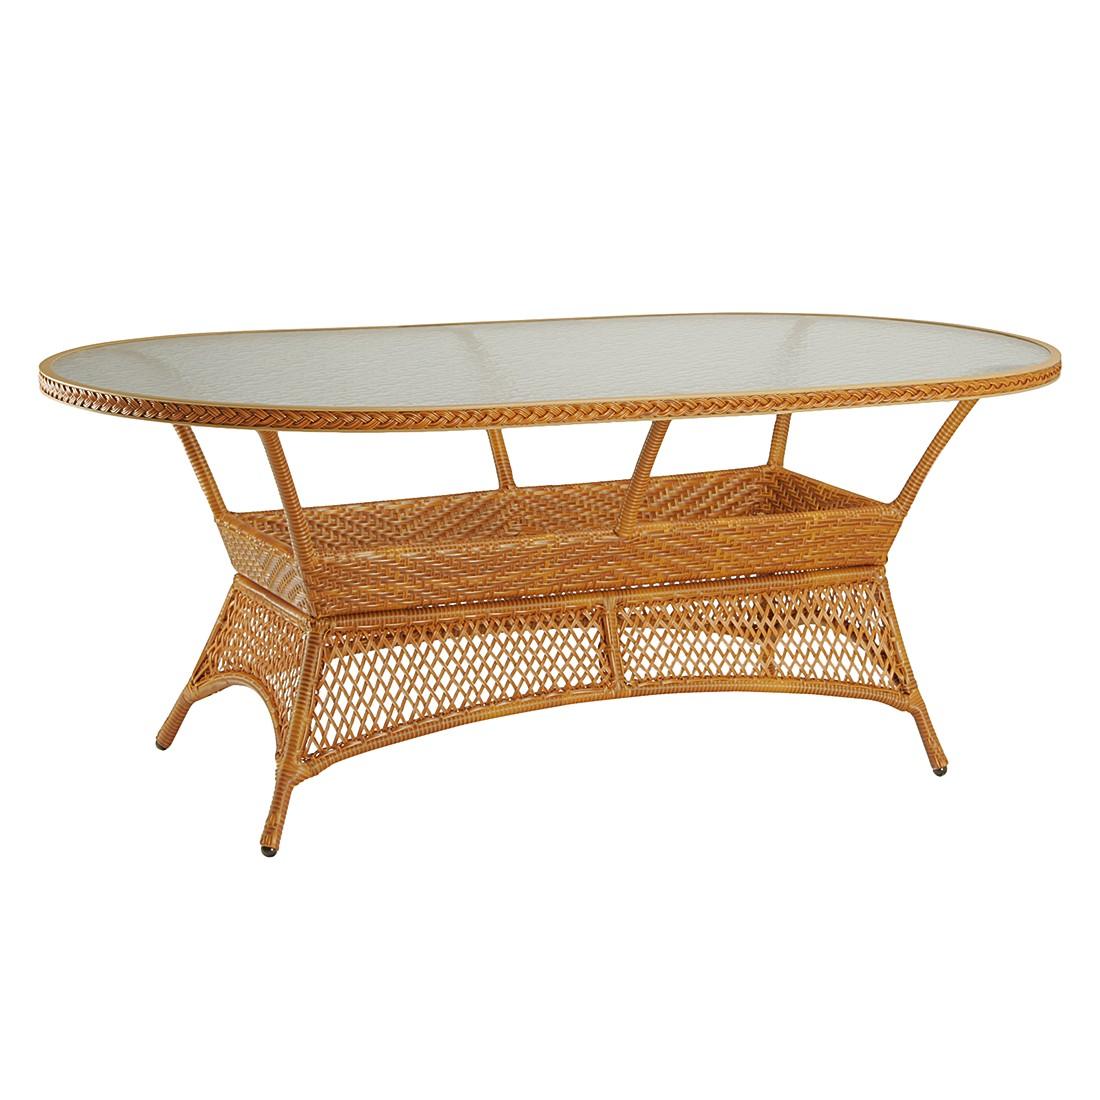 Gartentisch Madelene II - Polyrattan - Karamell, Best Freizeitmöbel